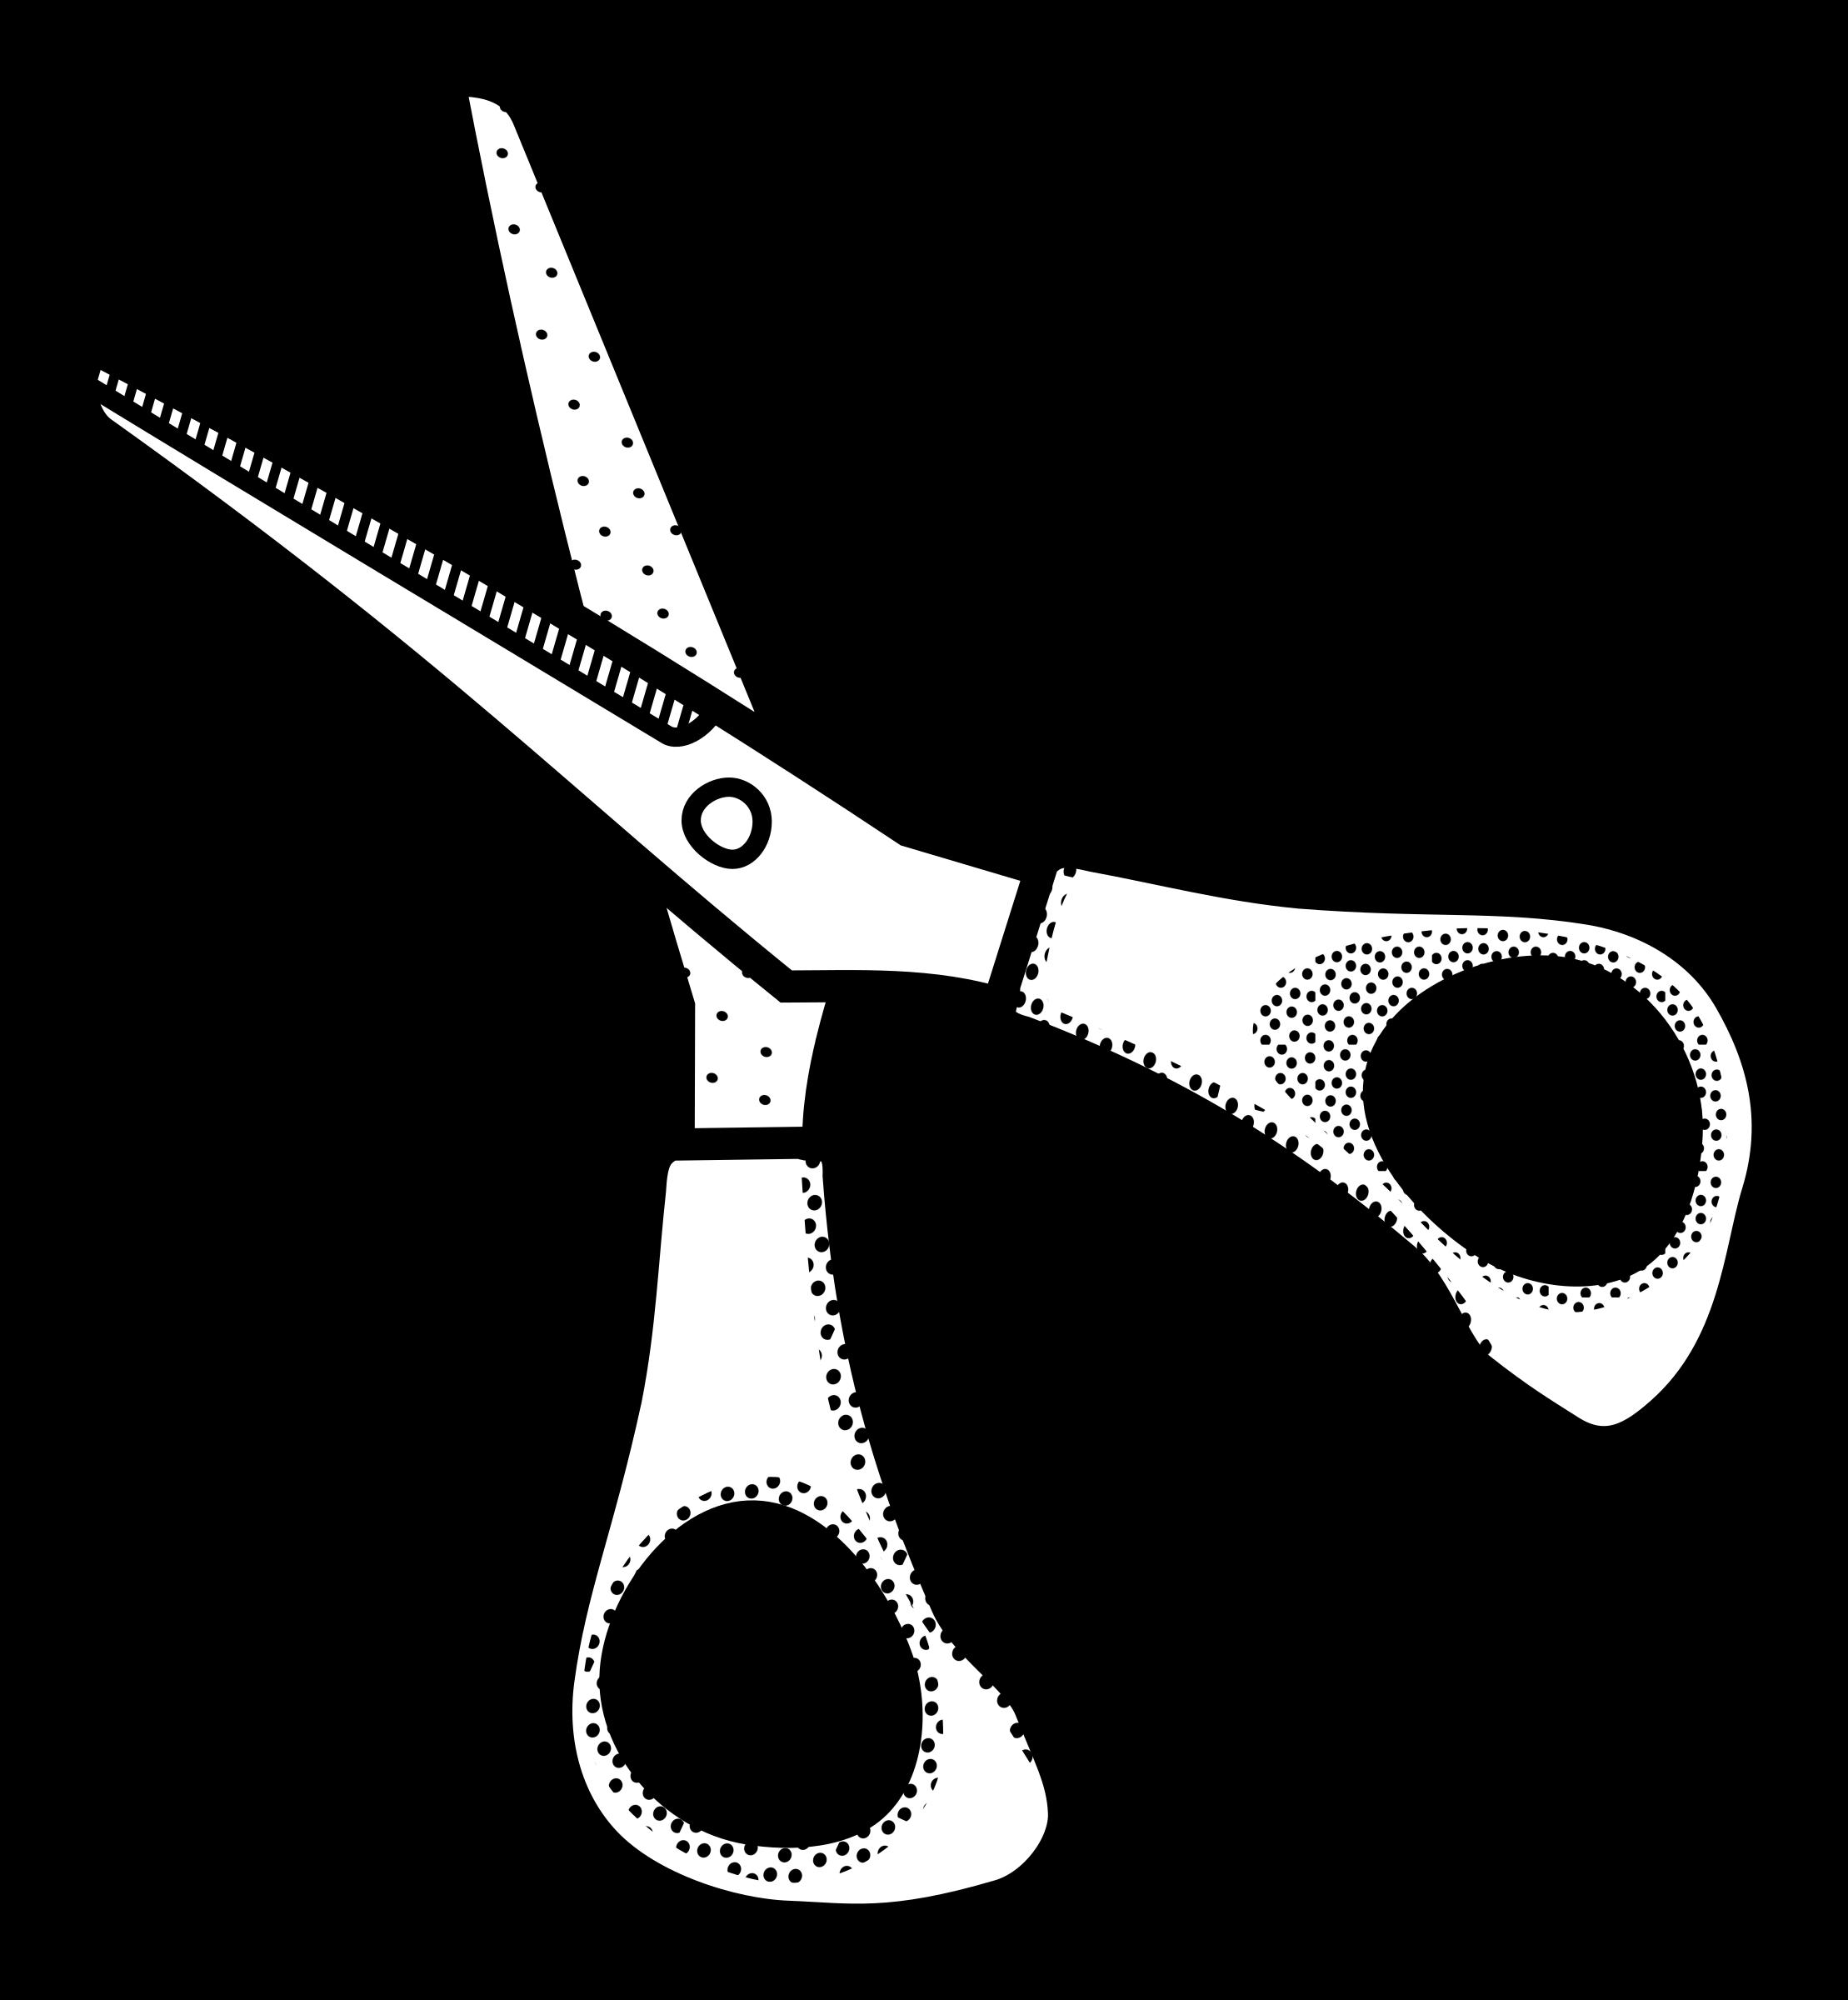 Scissors clip art.